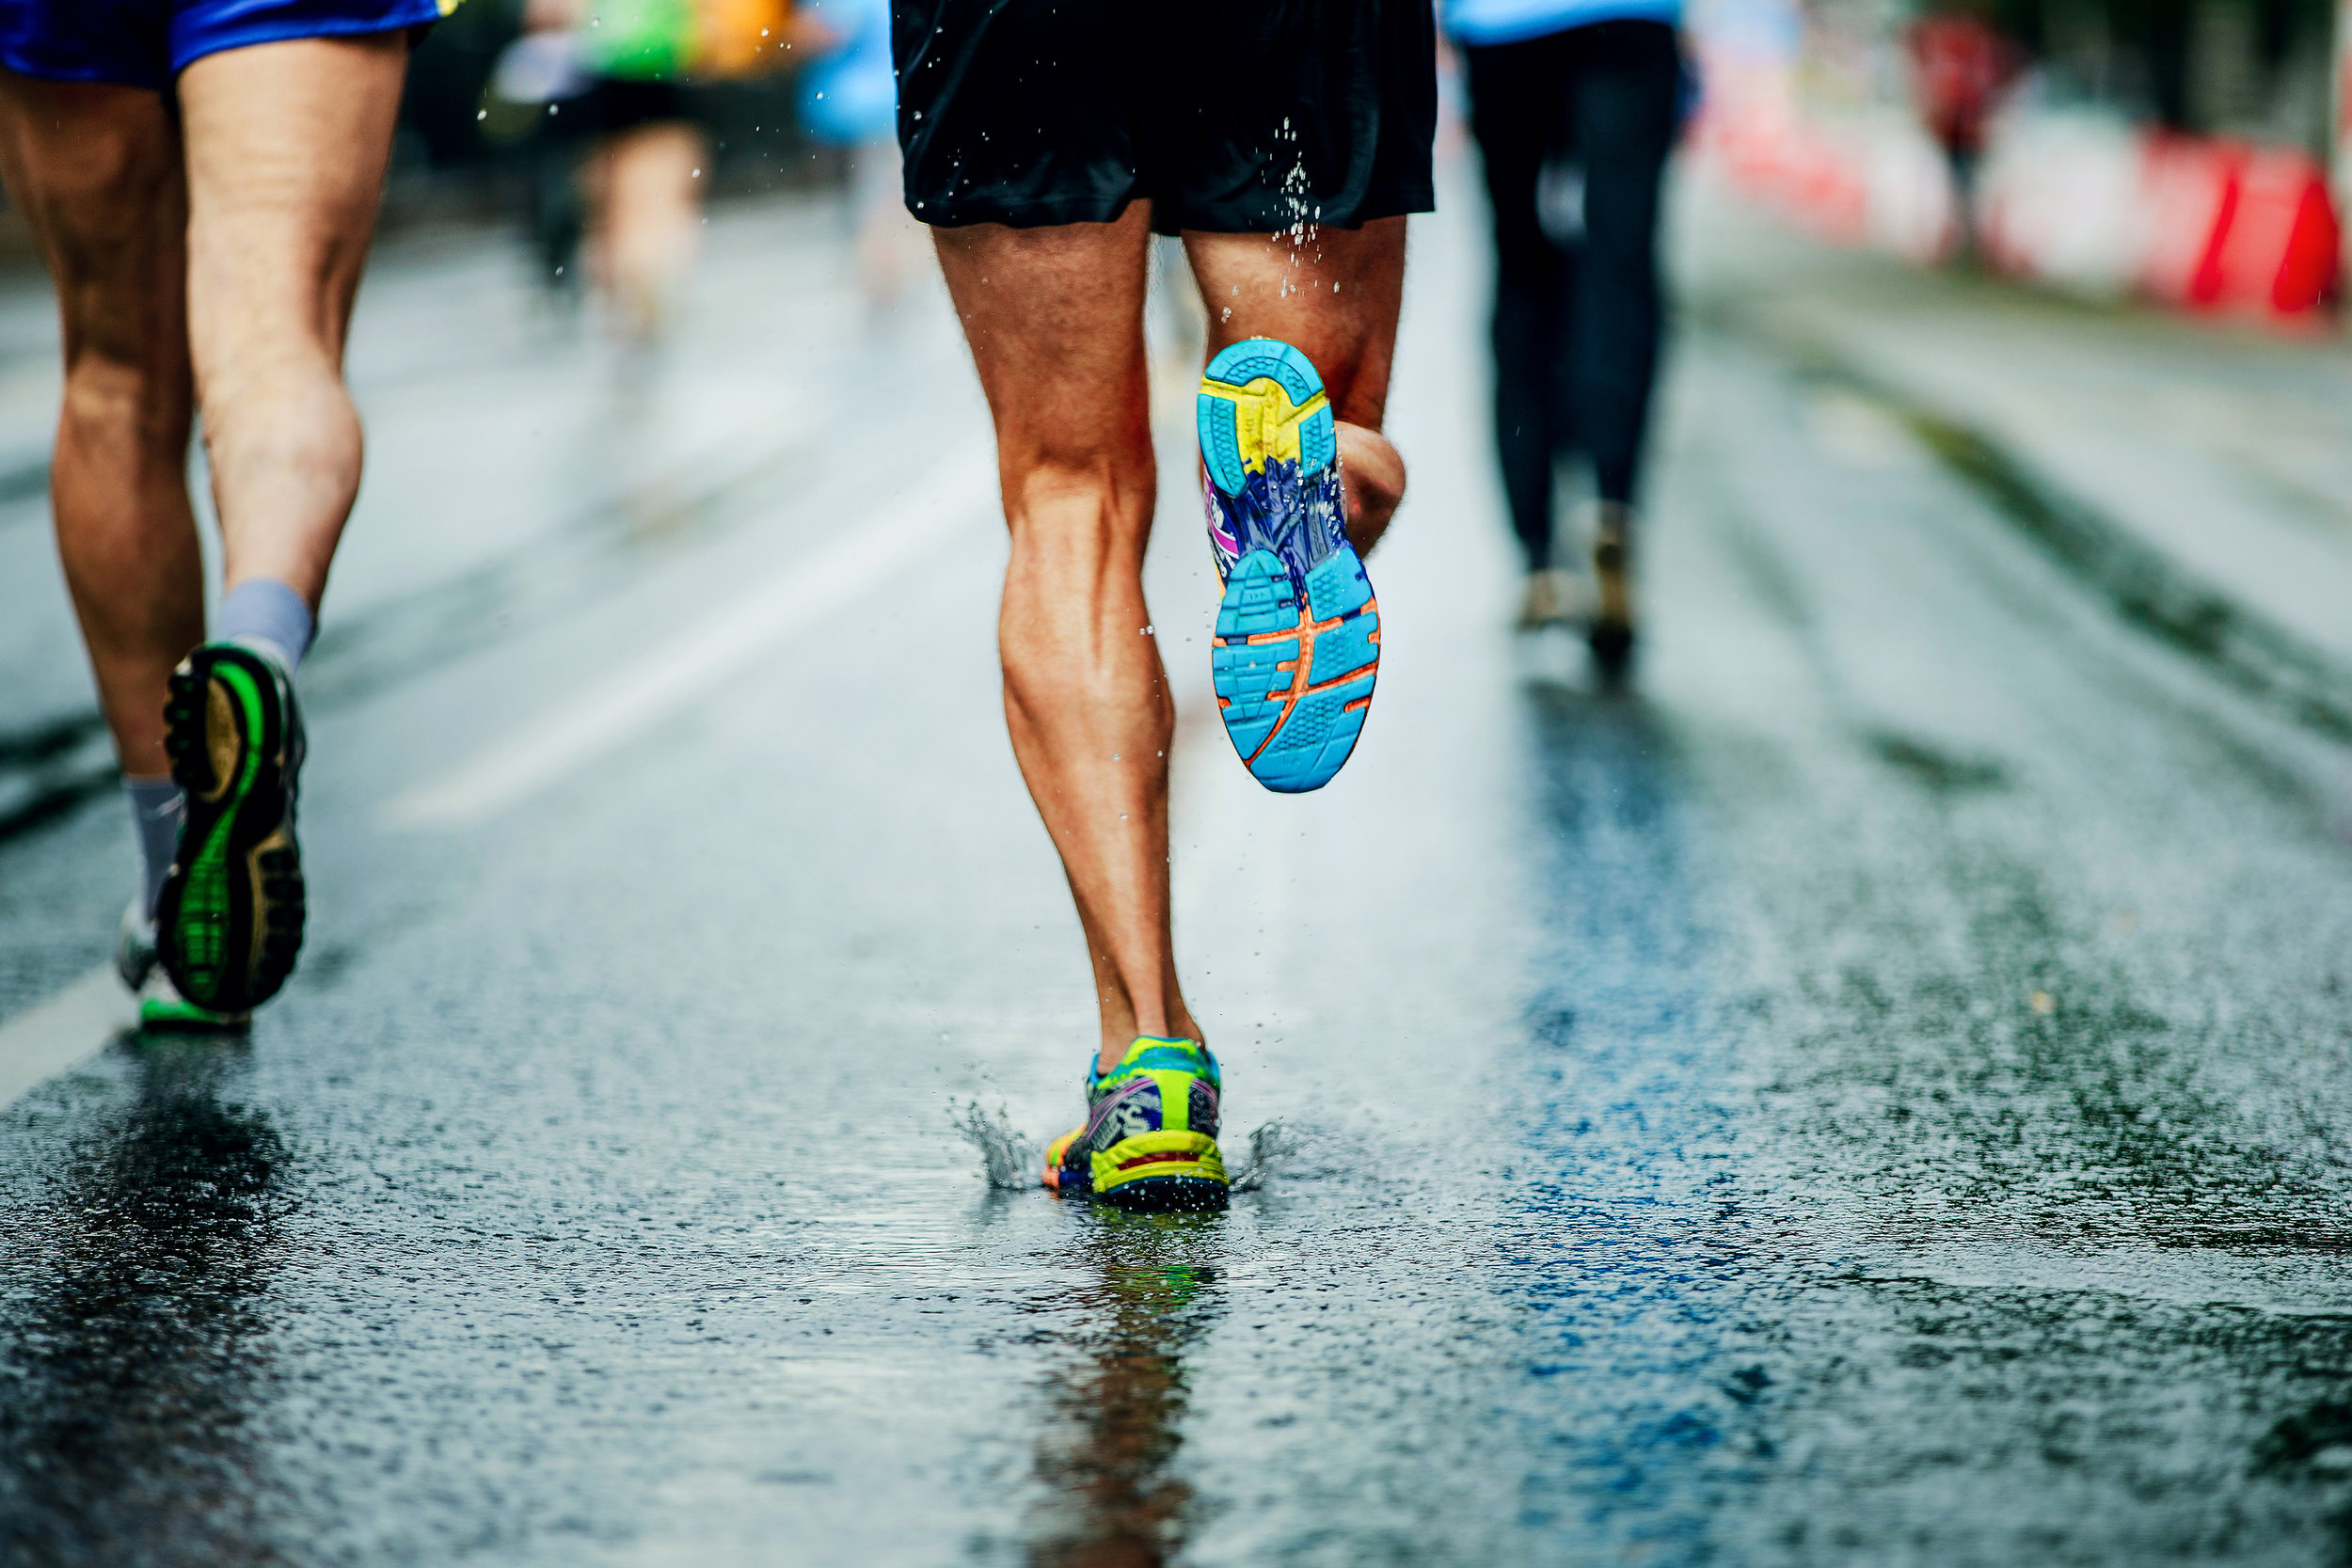 running in rain on pavement.jpeg